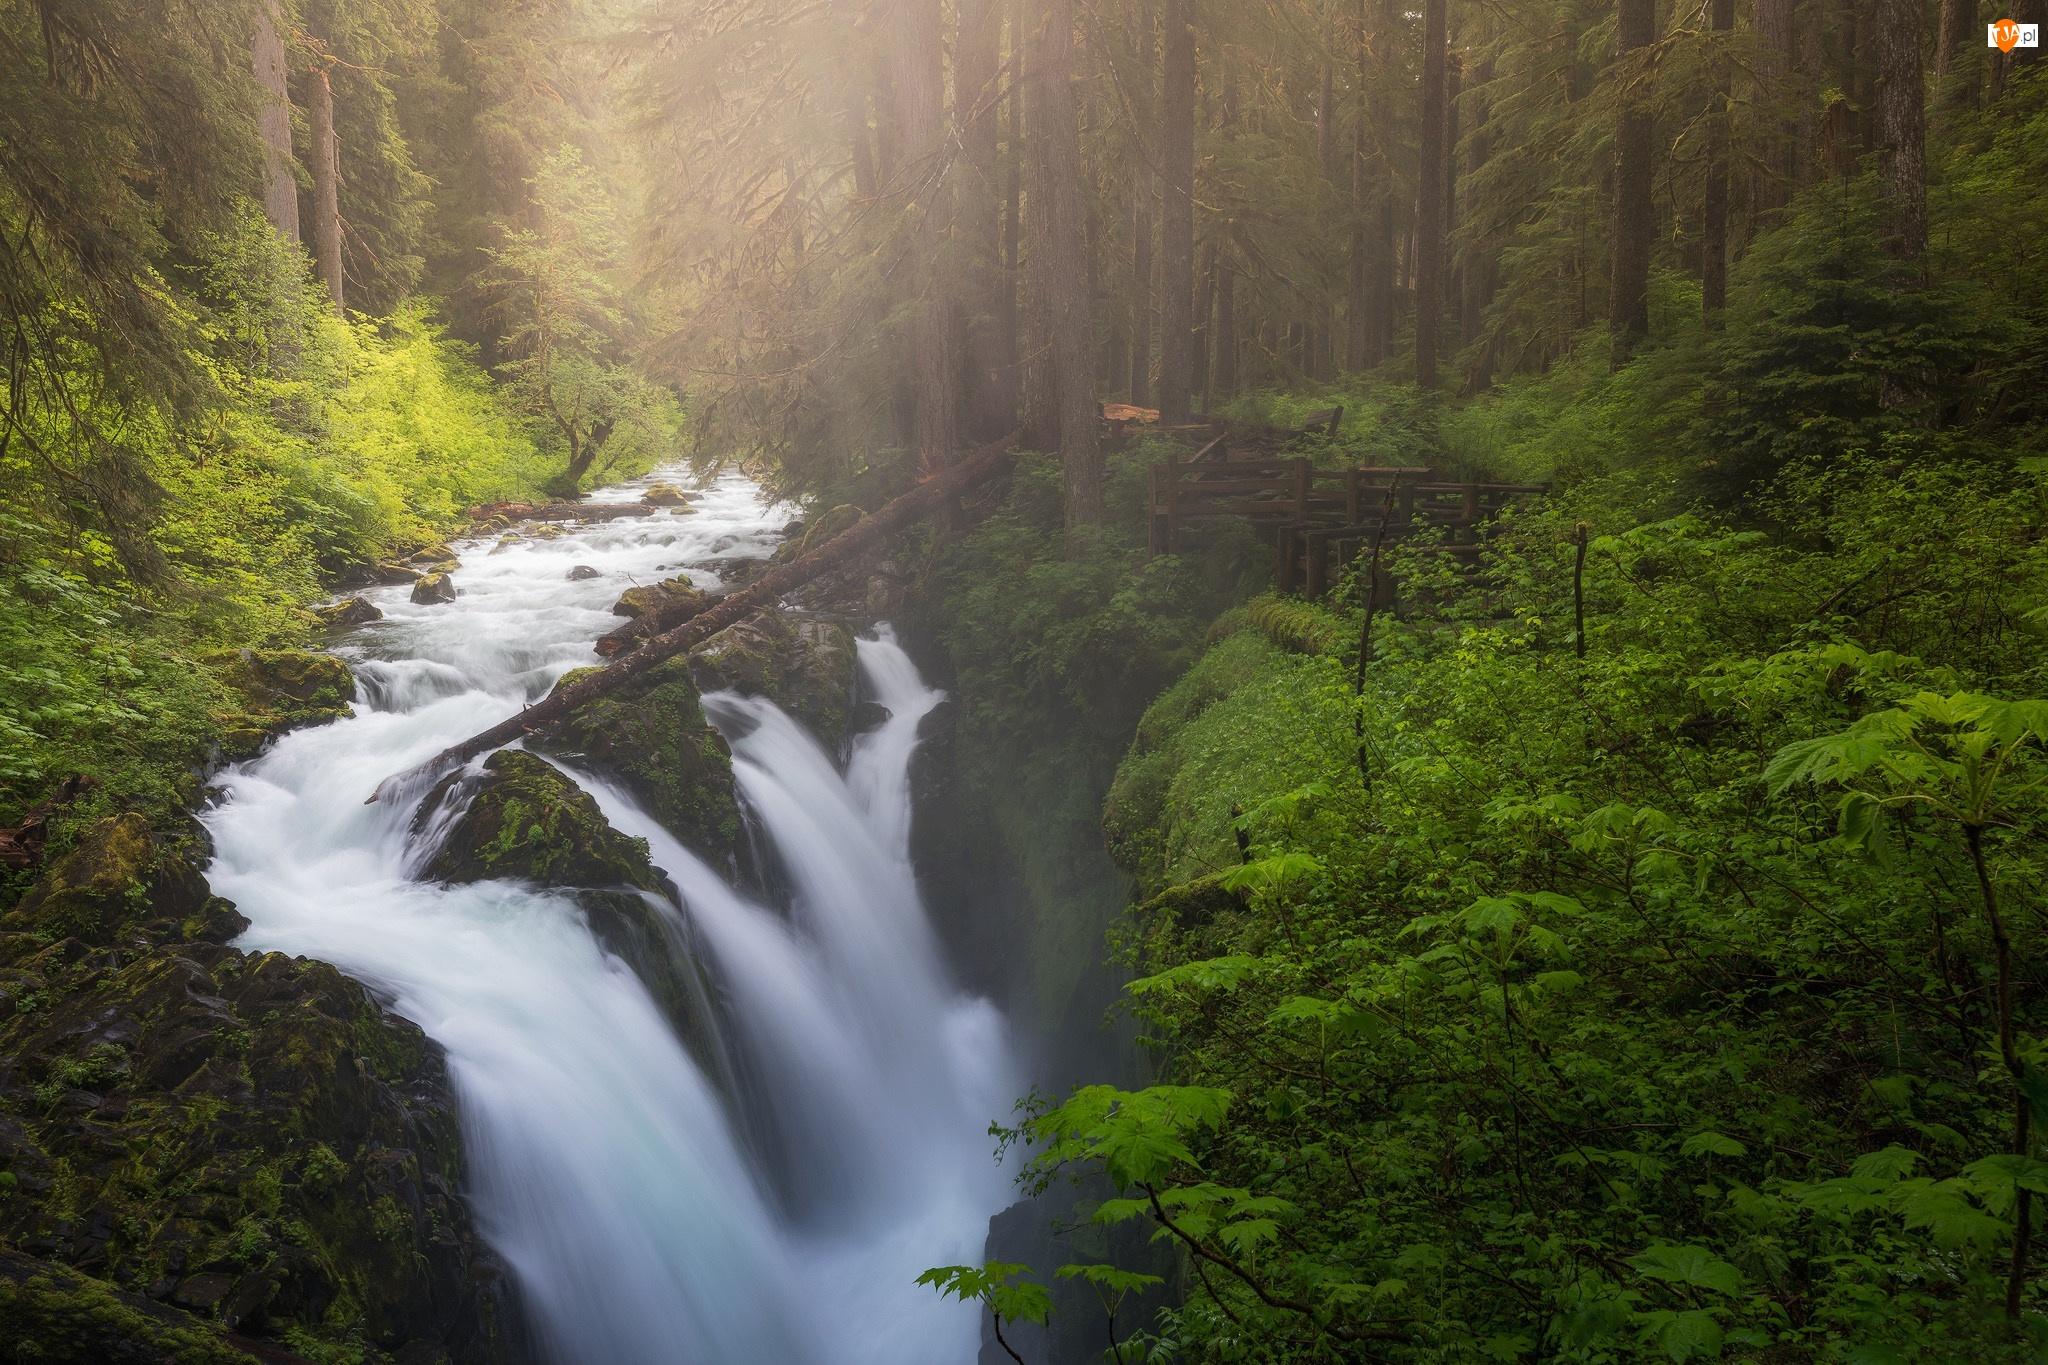 Las, Wodospad Sol Duc Falls, Stan Waszyngton, Drzewa, Stany Zjednoczone, Mgła, Park Narodowy Olympic, Rzeka